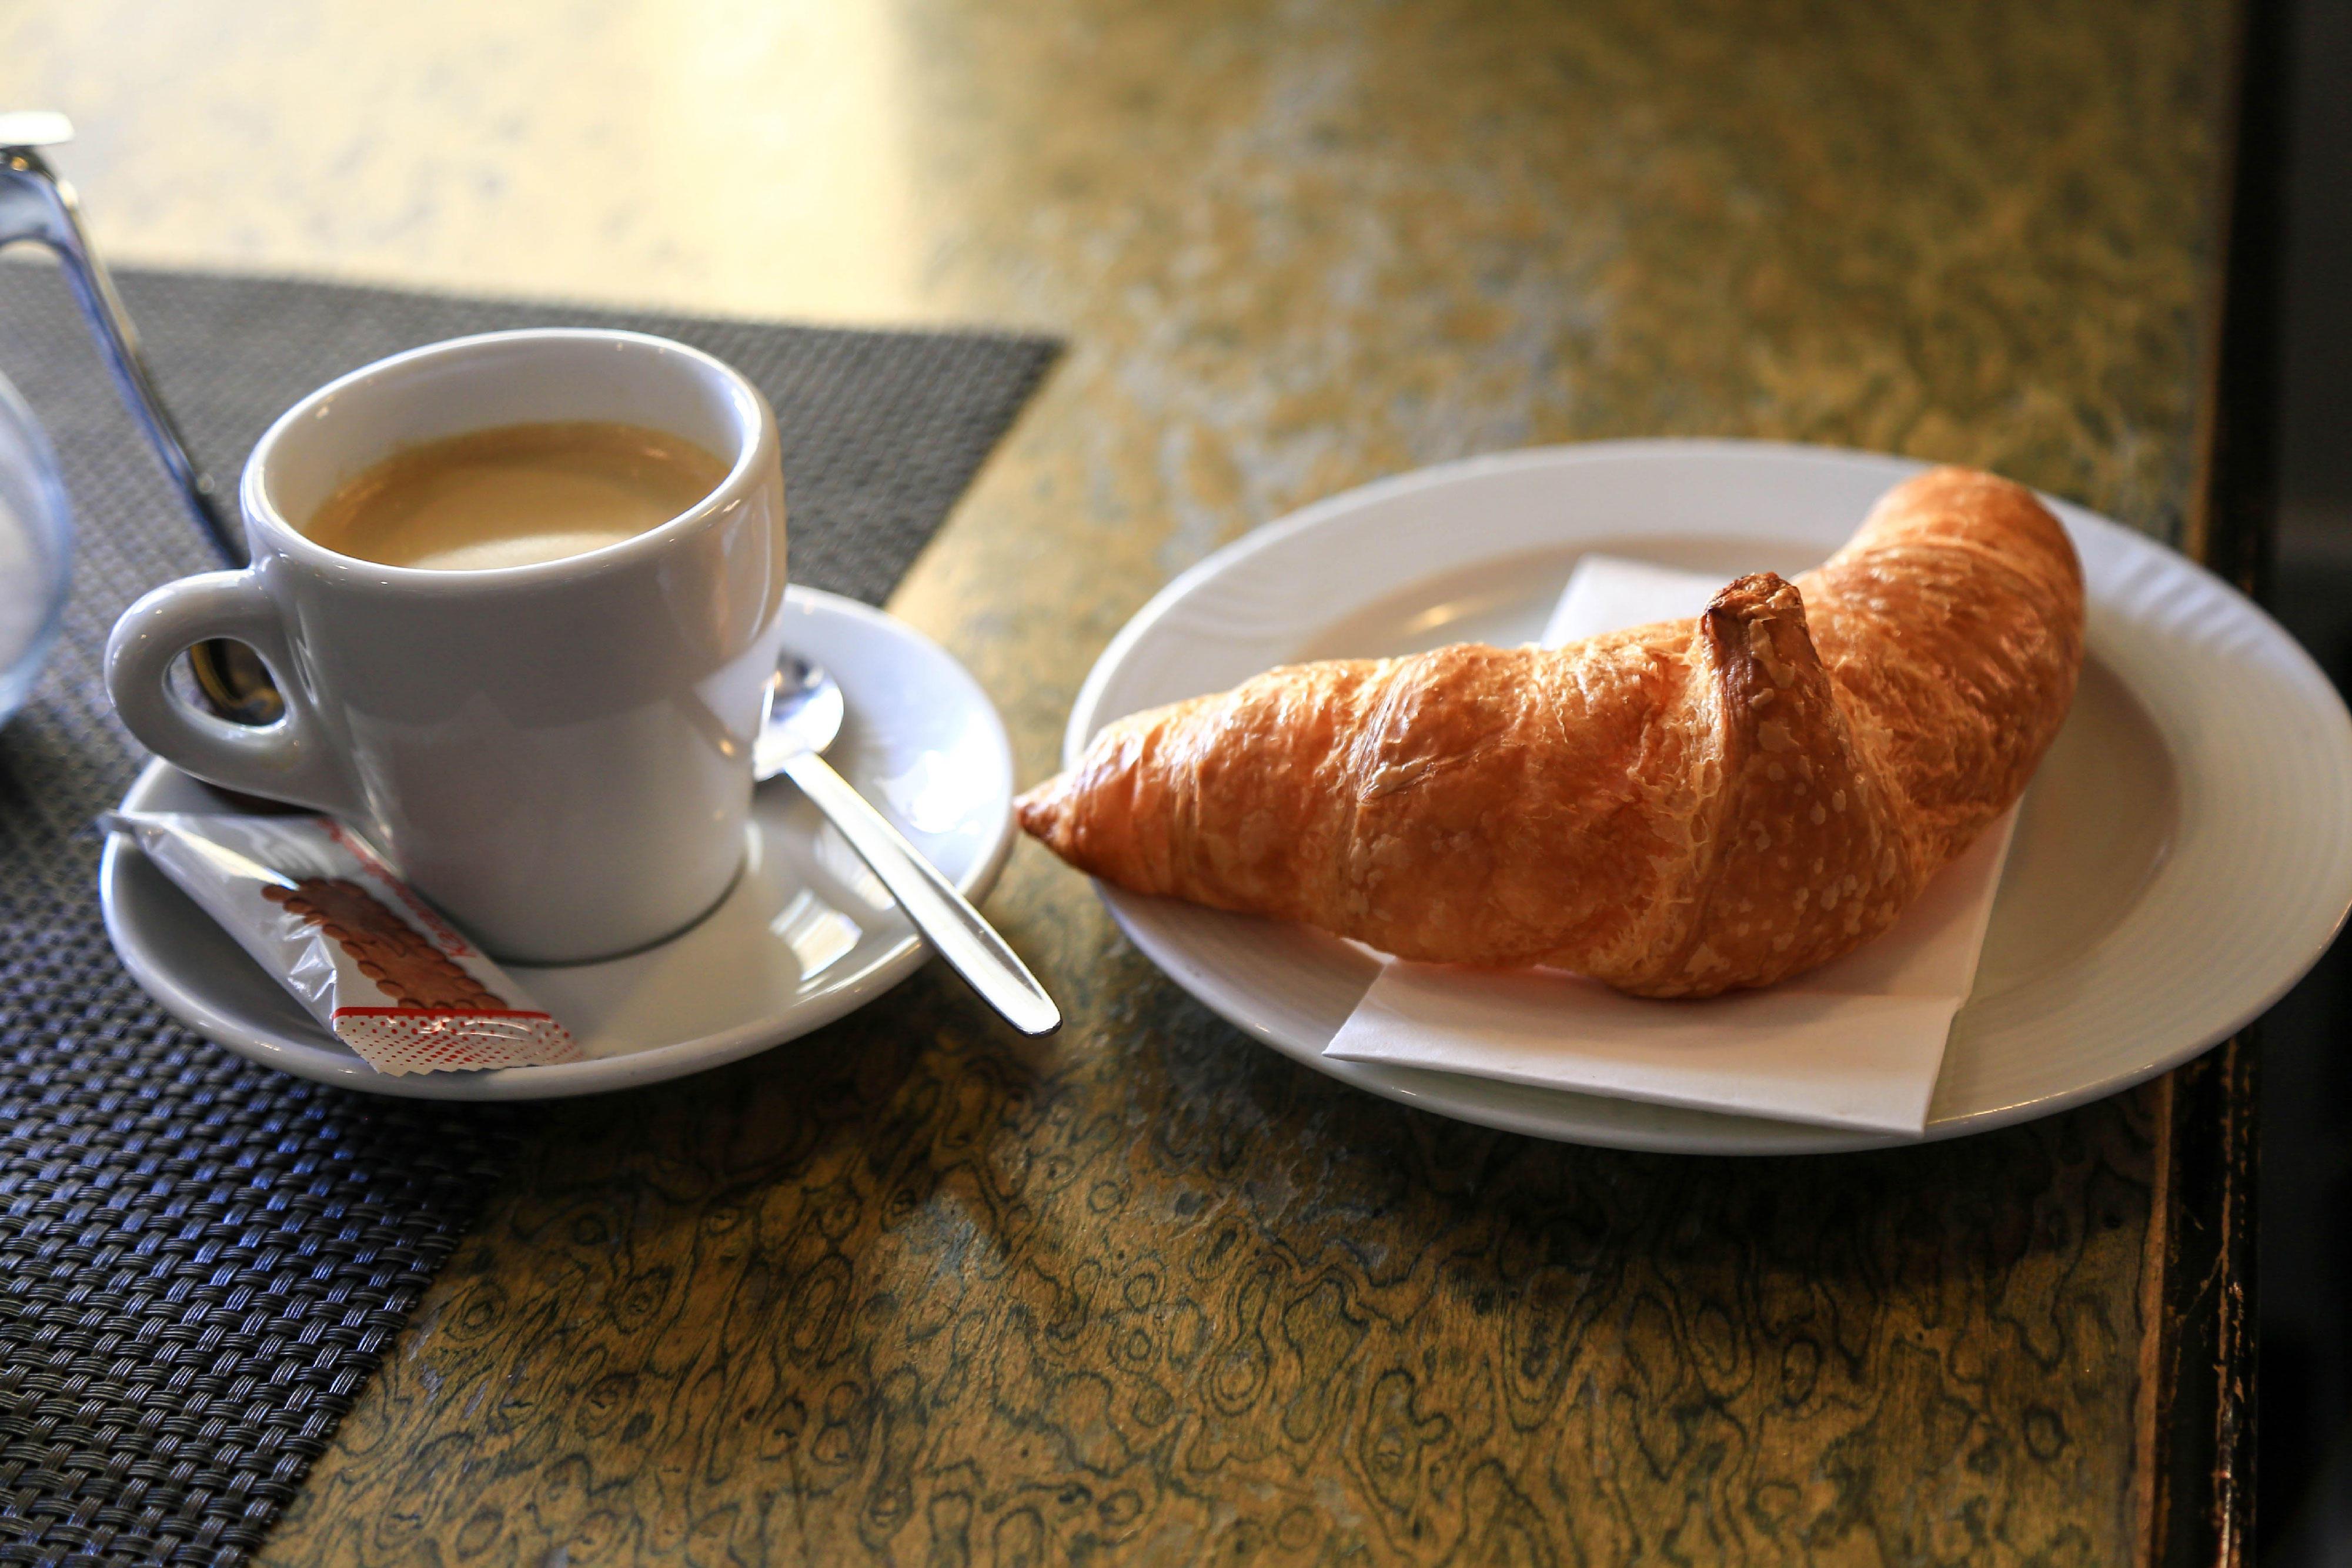 Restaurant Und Kaffee Zur Tanne Restaurants In Glis Gliserallee 166